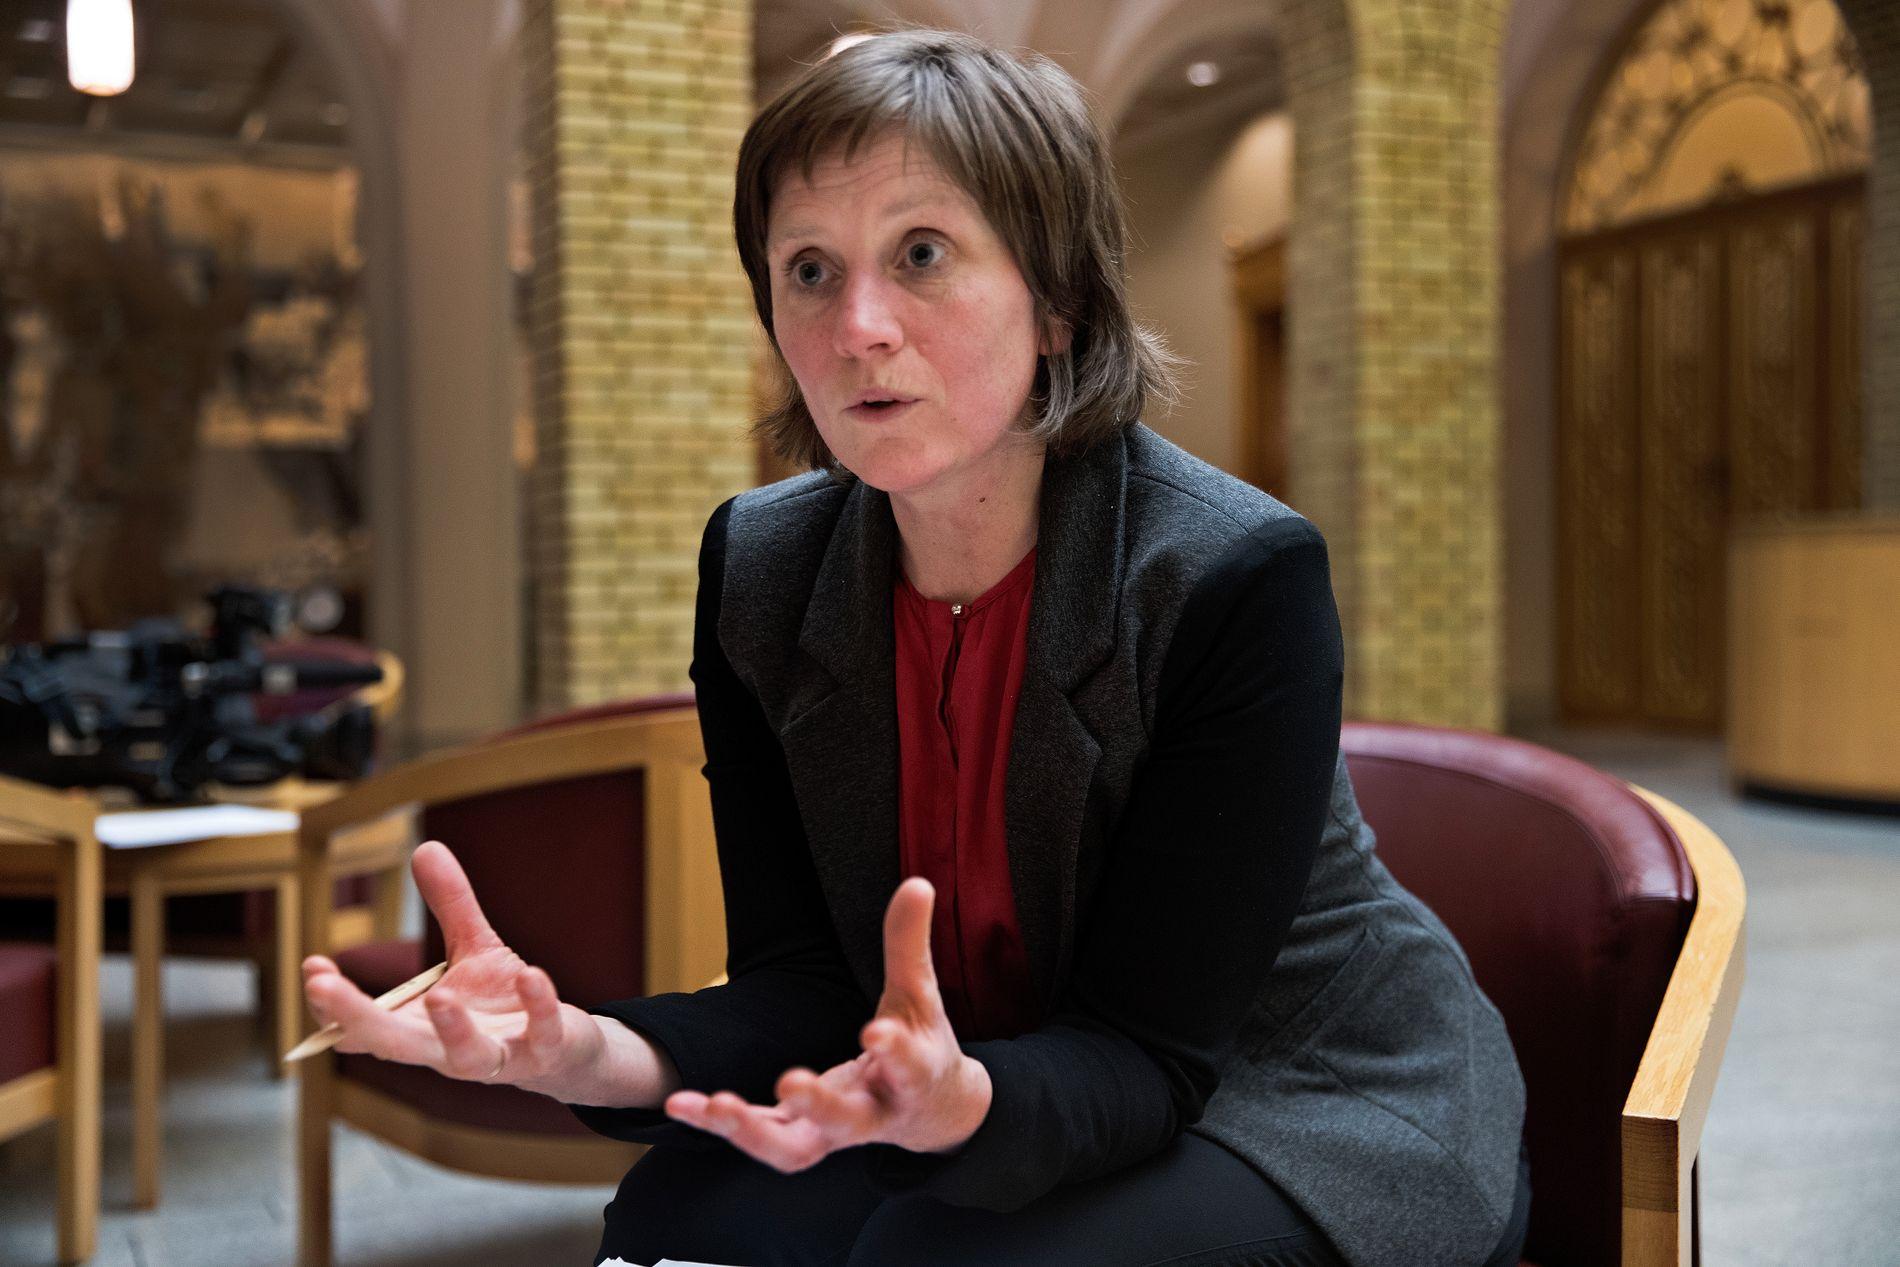 KRITISK: Stortingspolitiker Kjersti Toppe (Sp) sier at saken om brødrene Holøyen bør granskes fra begynnelse til slutt.